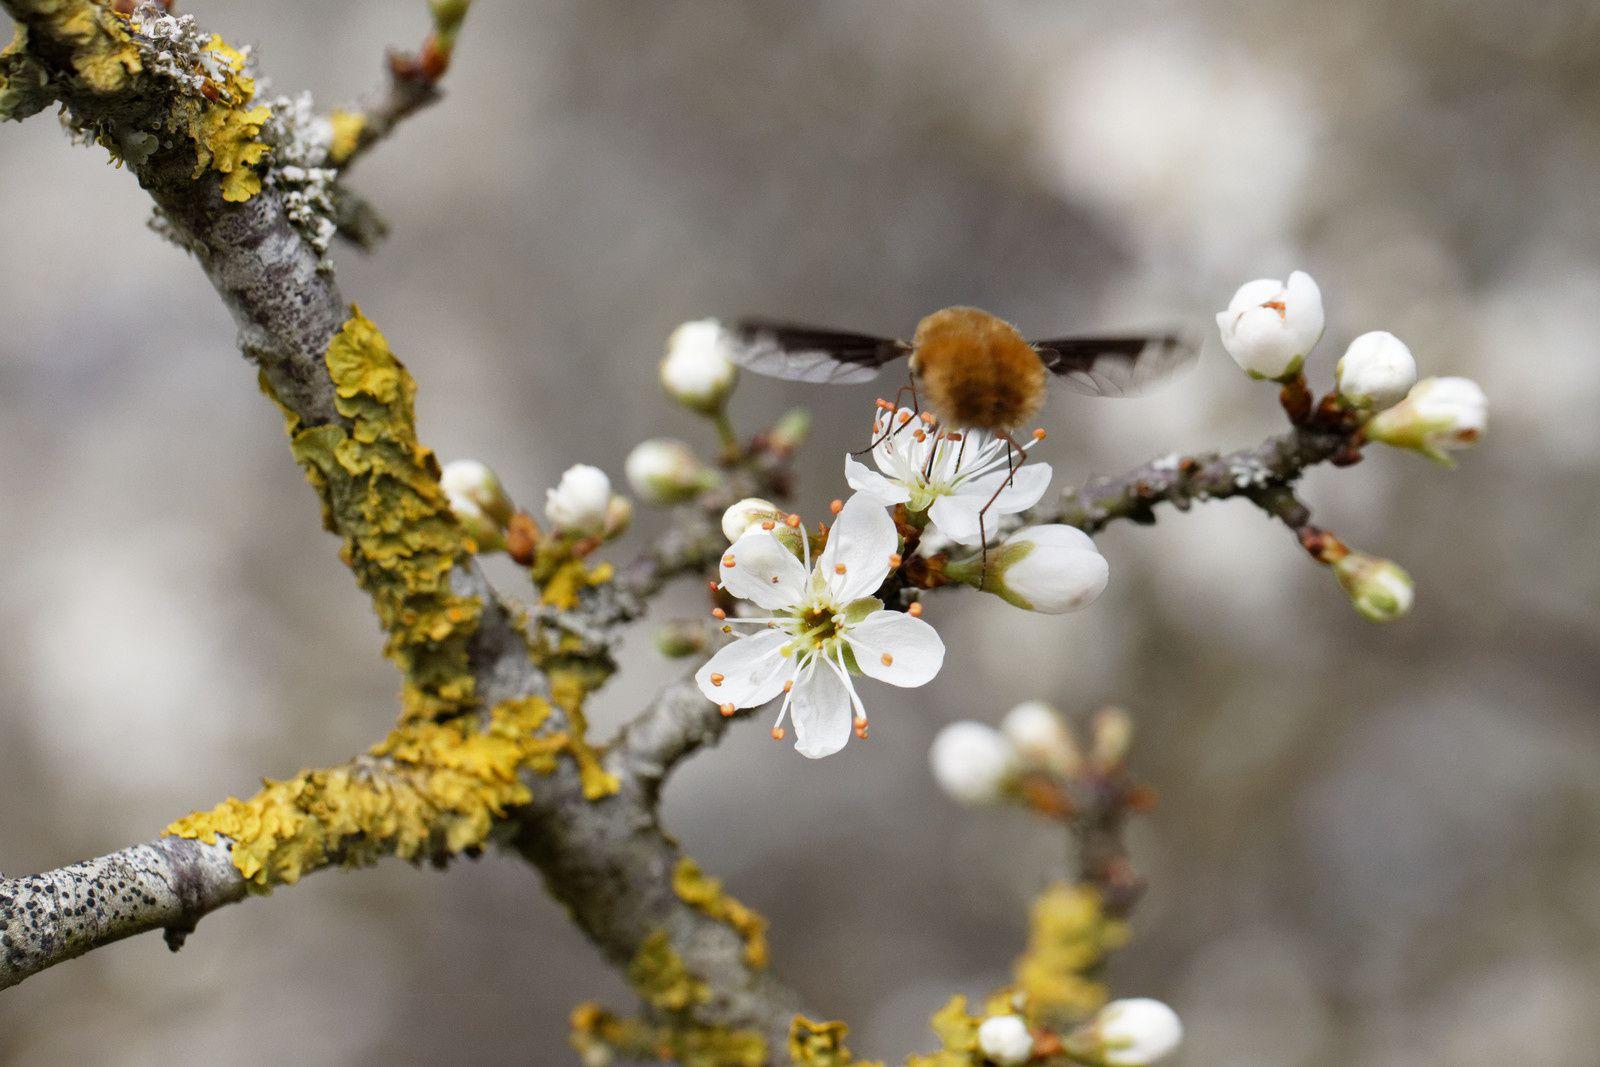 444 - La Pollinisation sur les Arbres (acte 2) : 23/03/2019